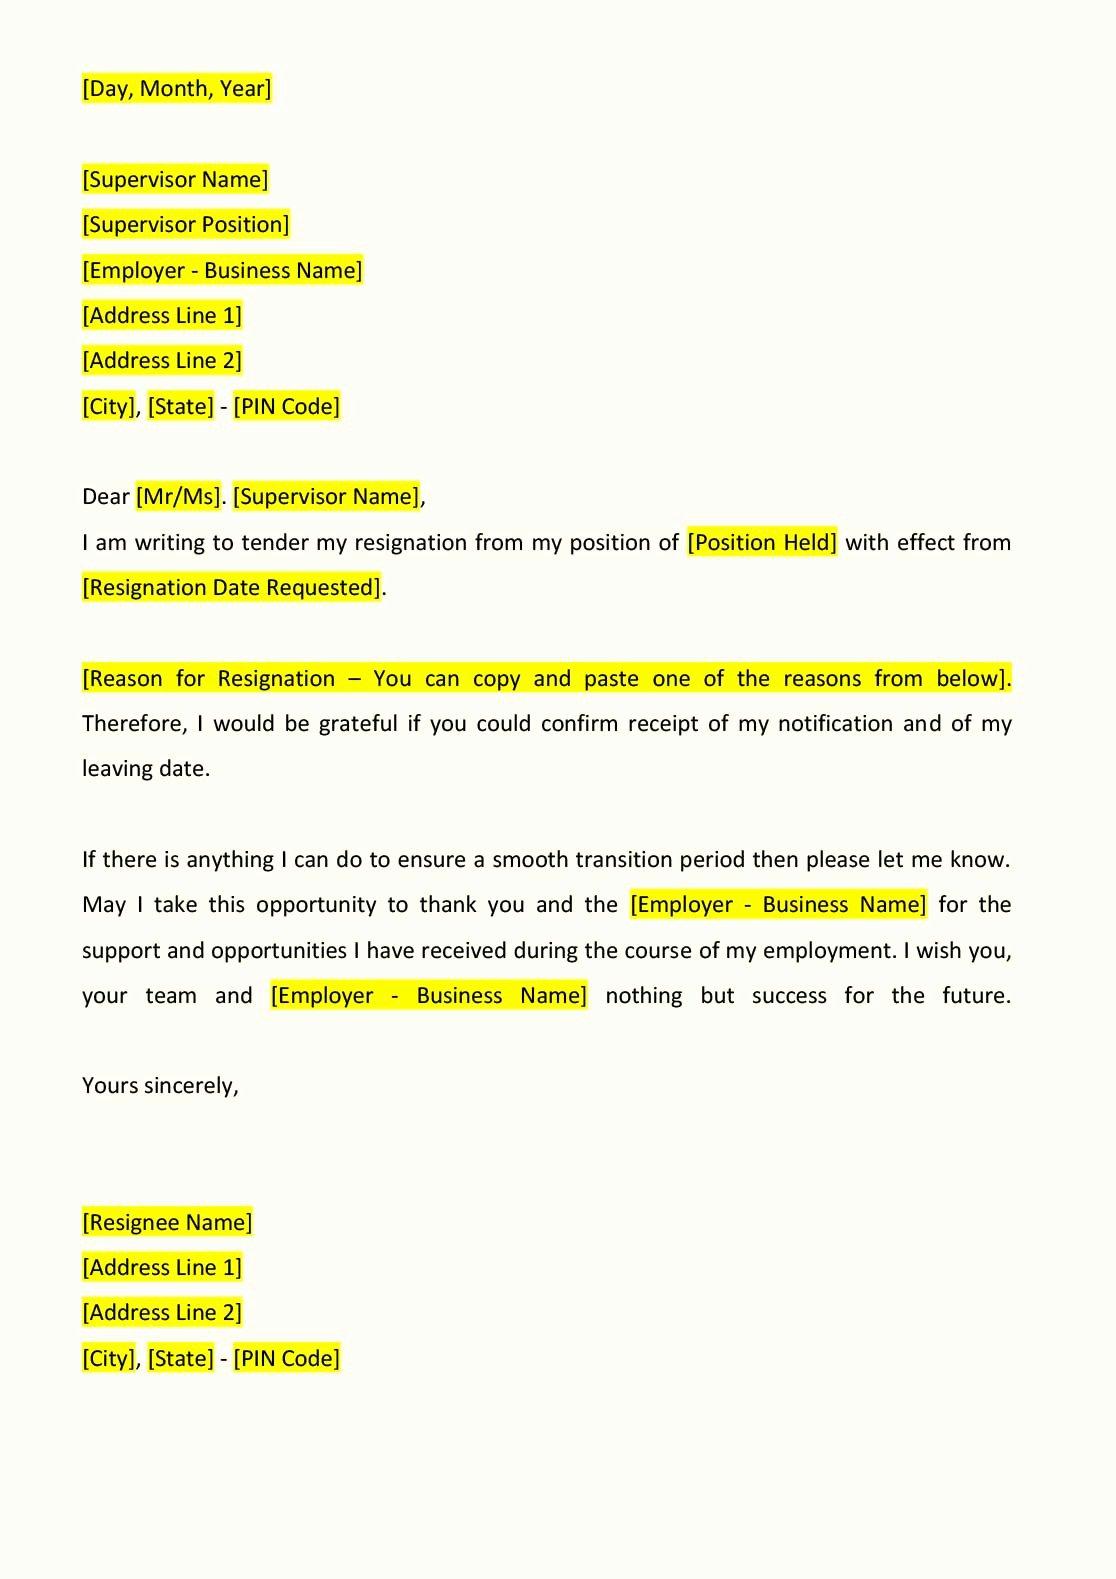 Resignation Letter for Work Elegant Resignation Letter format Indiafilings Document Center